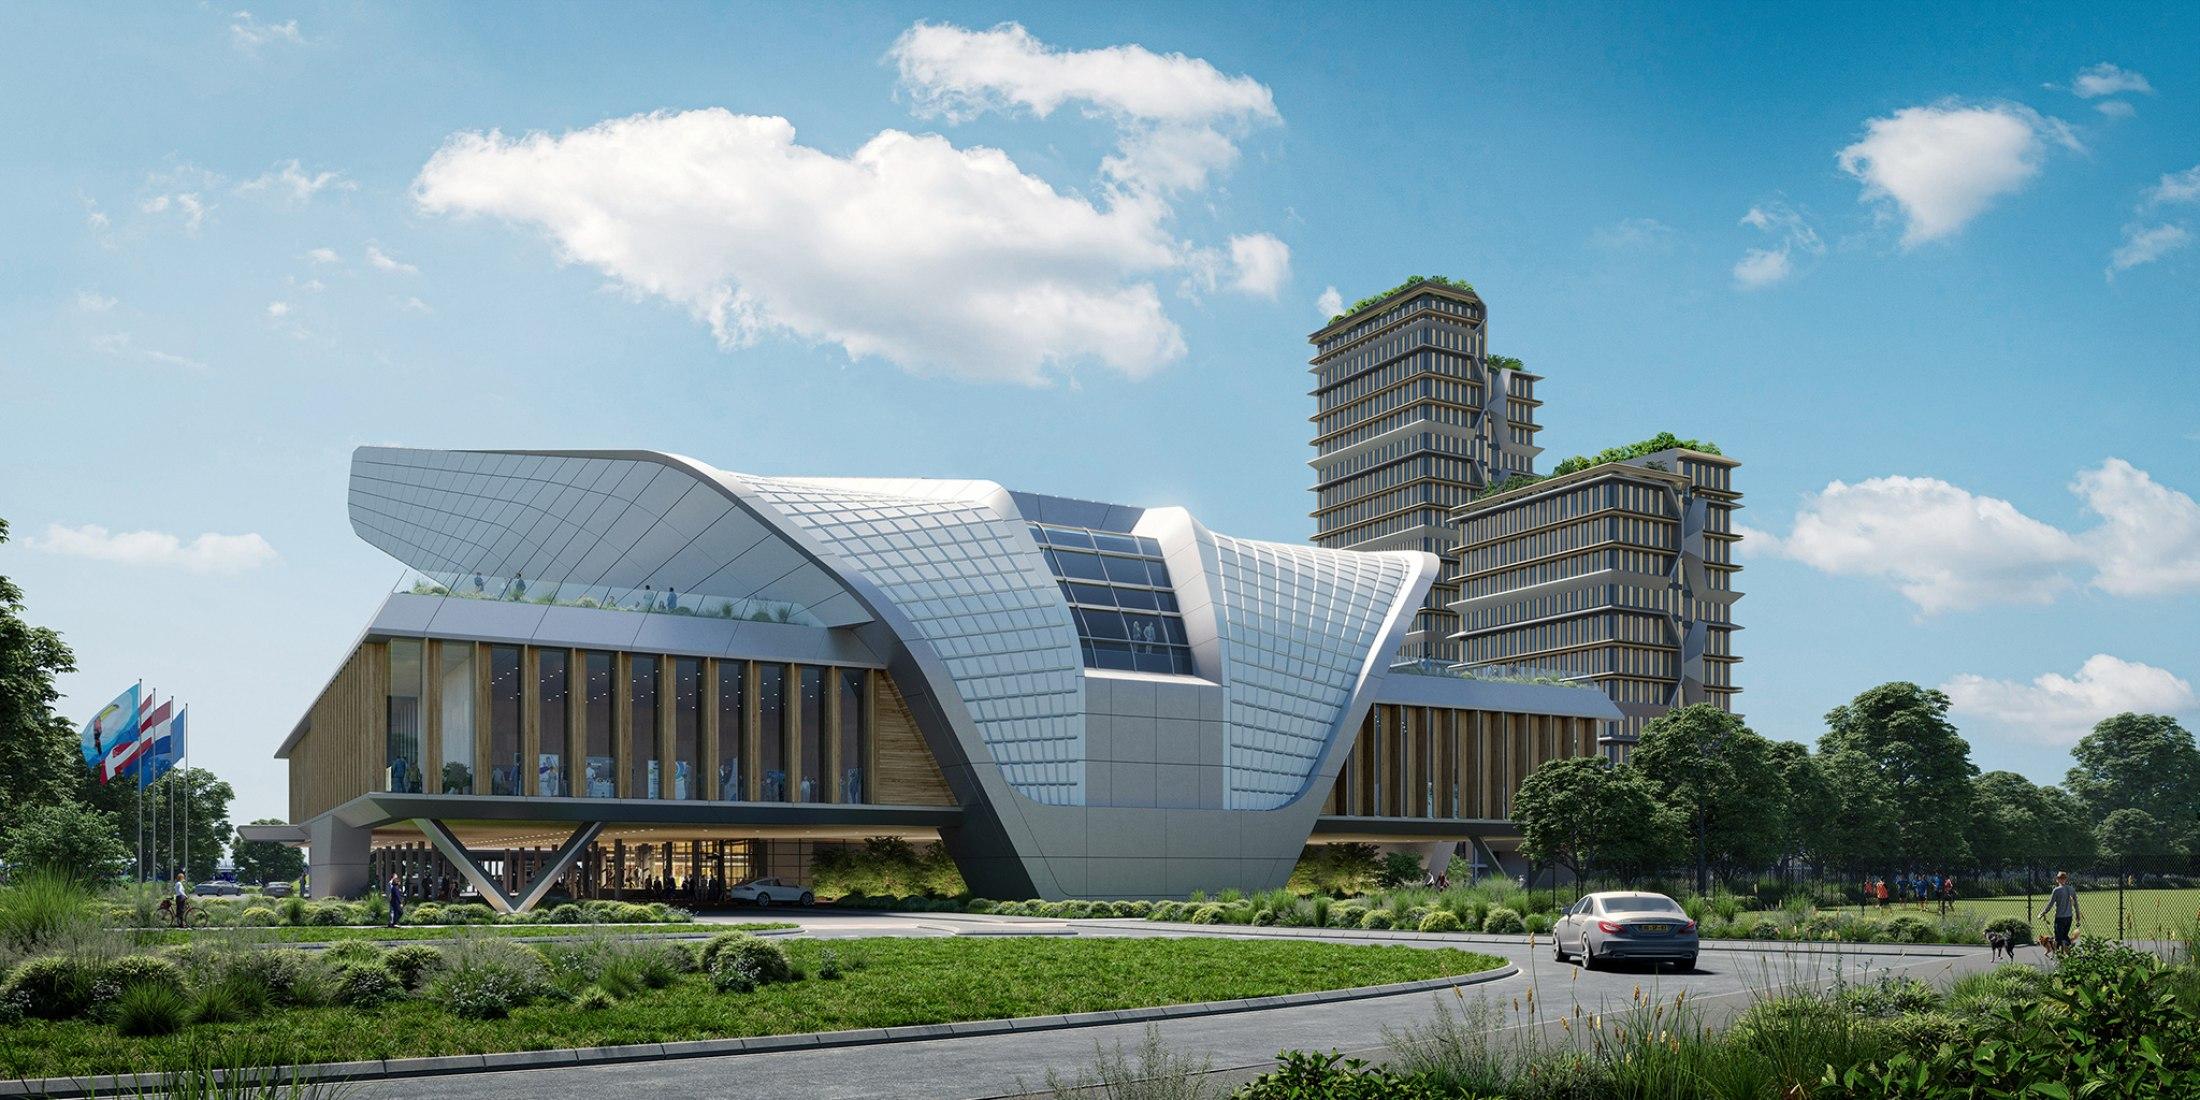 Visualización. Centro de Congresos Elysion por UNStudio y Quant Architectuur. Visualización por Flying architecture